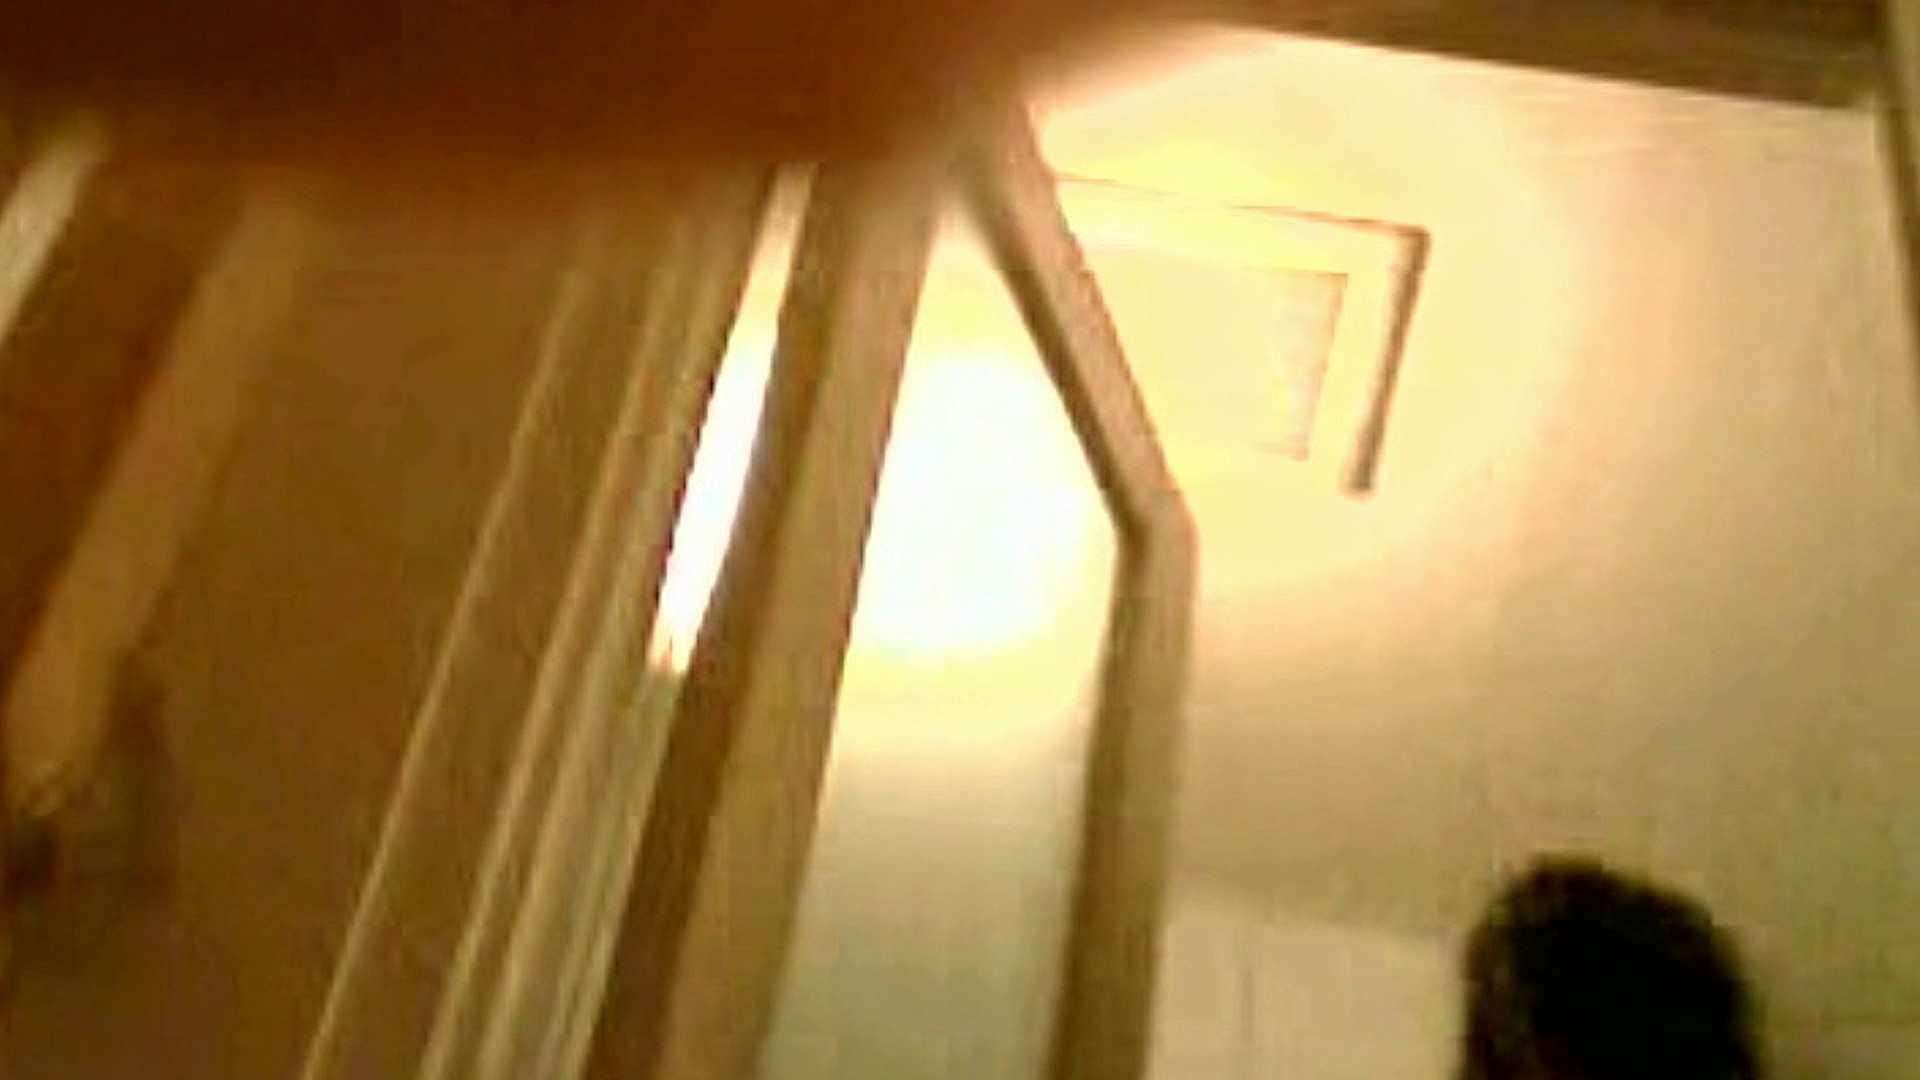 ▲復活限定D▲ややぽちゃ童顔の カナちゃん Vol.03 脱衣編 むっちりガール オマンコ無修正動画無料 96枚 27